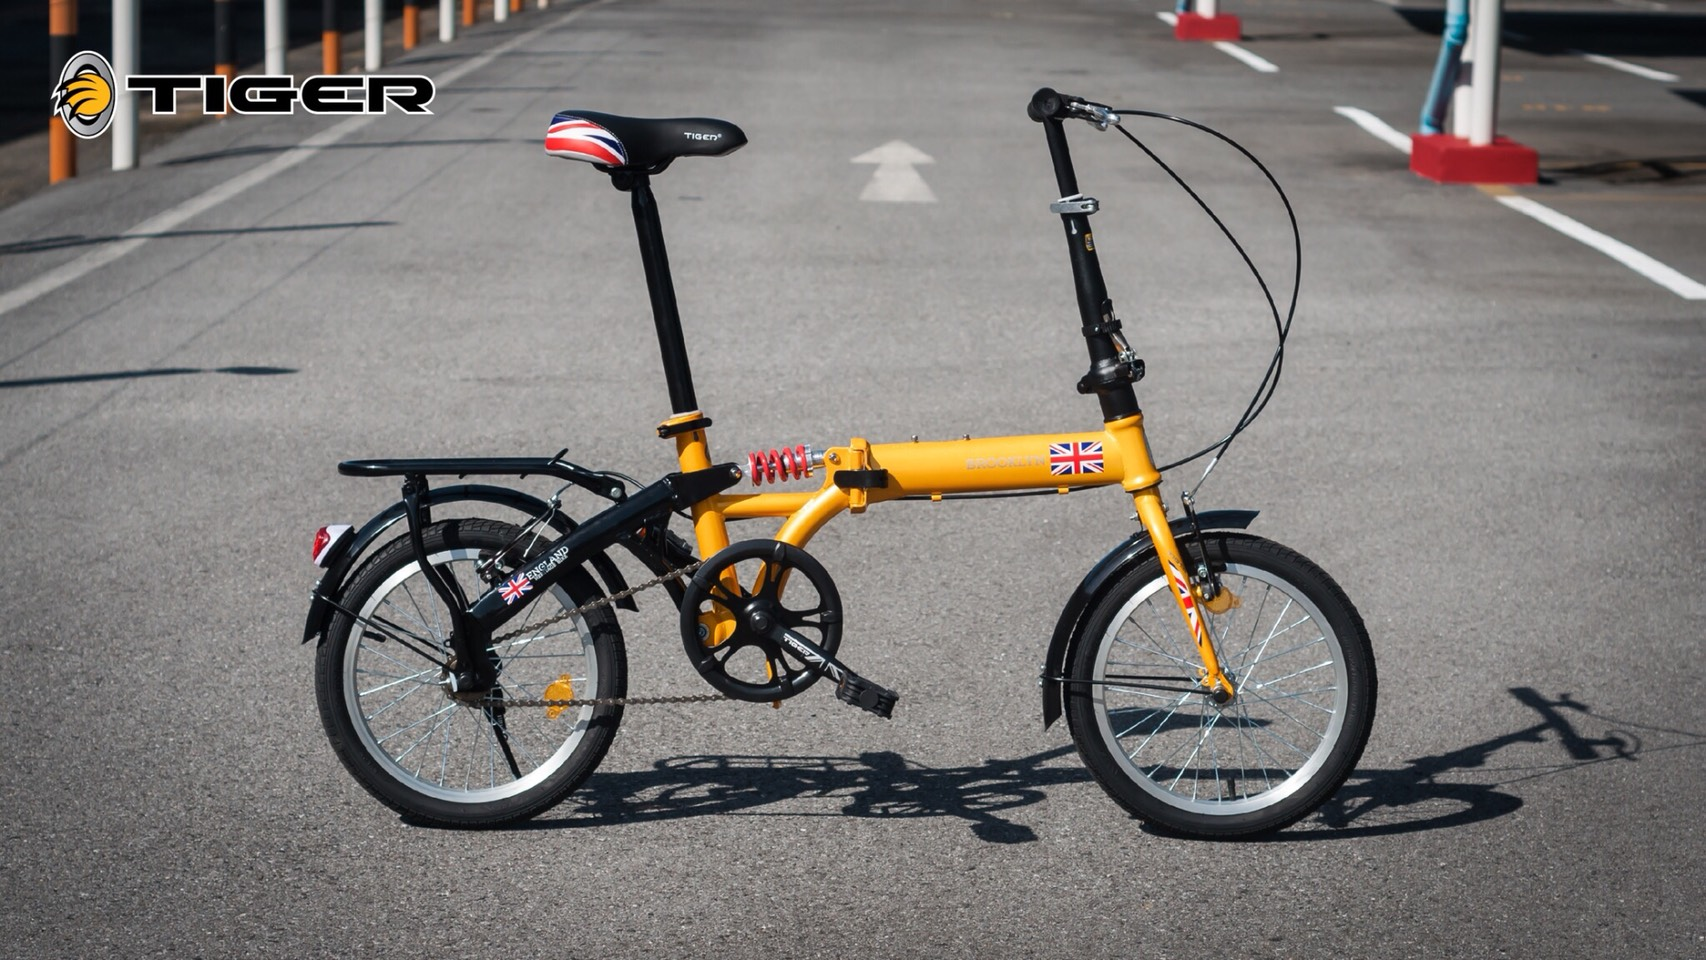 จักรยานพับ ล้อ 16 นิ้ว Tiger รุ่น Brooklyn เฟรมเหล็ก สีเหลือง โช๊คหลัง Single Speed